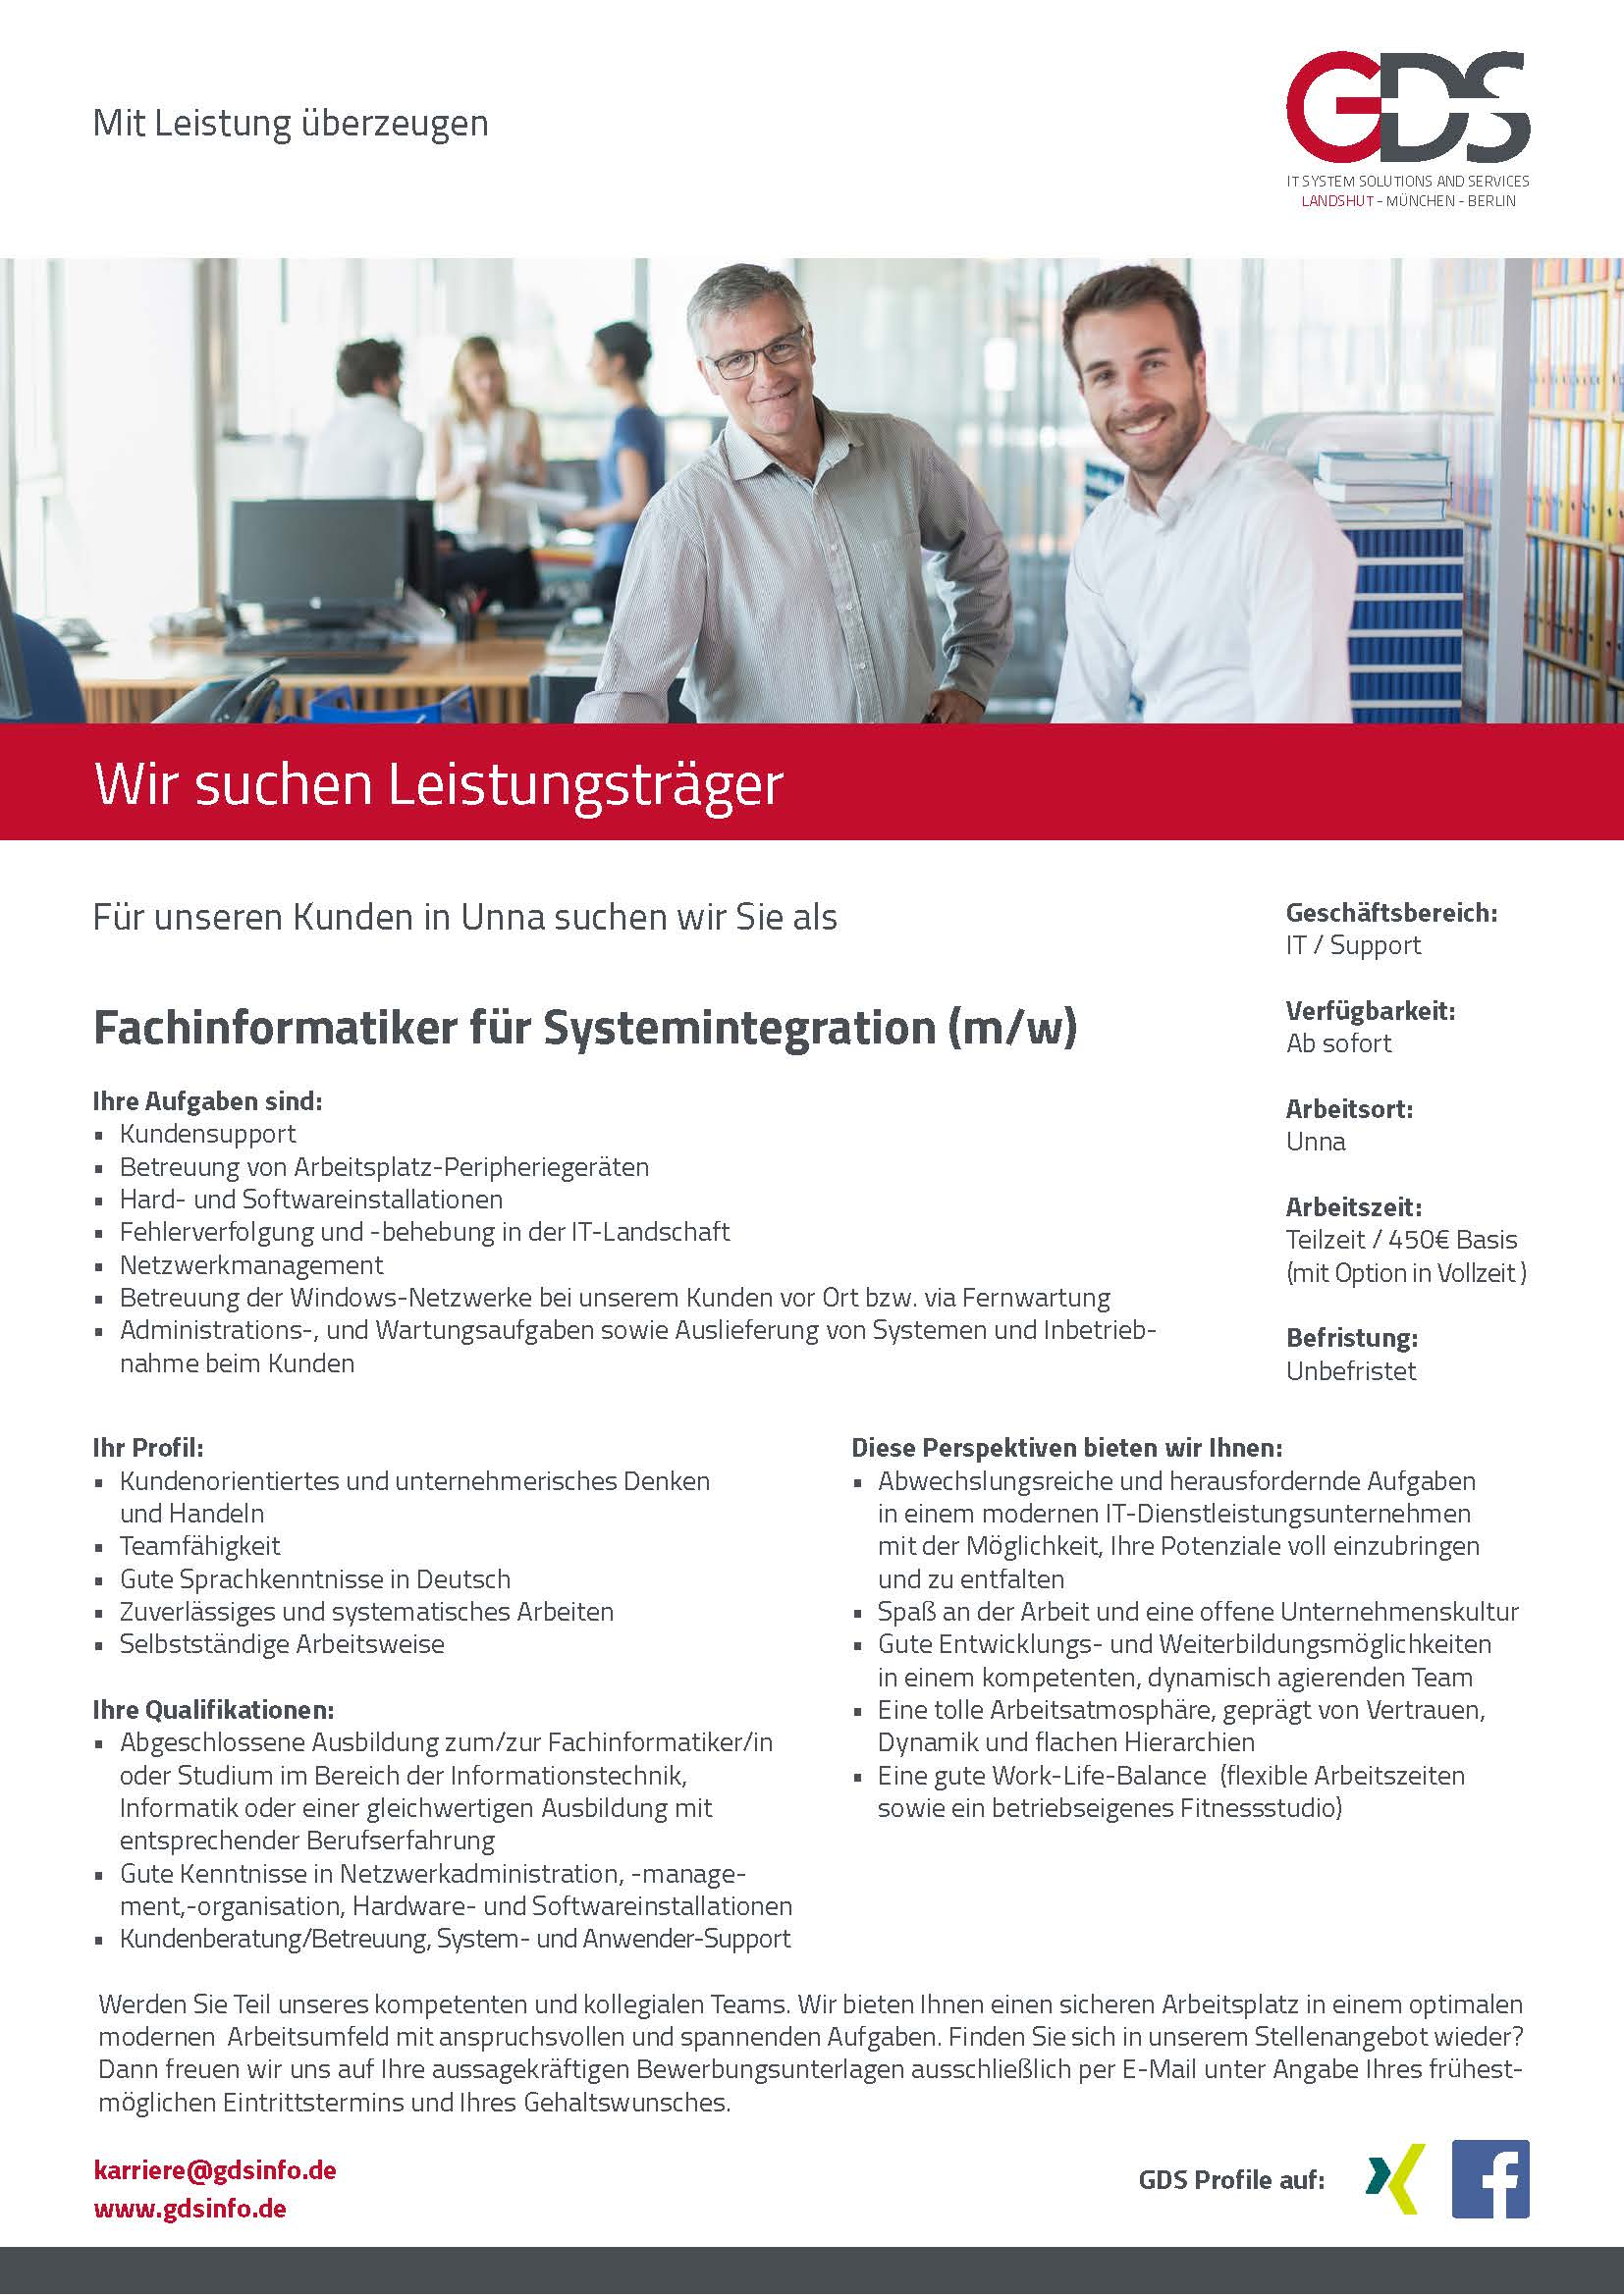 Fachinformatiker für Systemintegration (m/w) Standort Unna